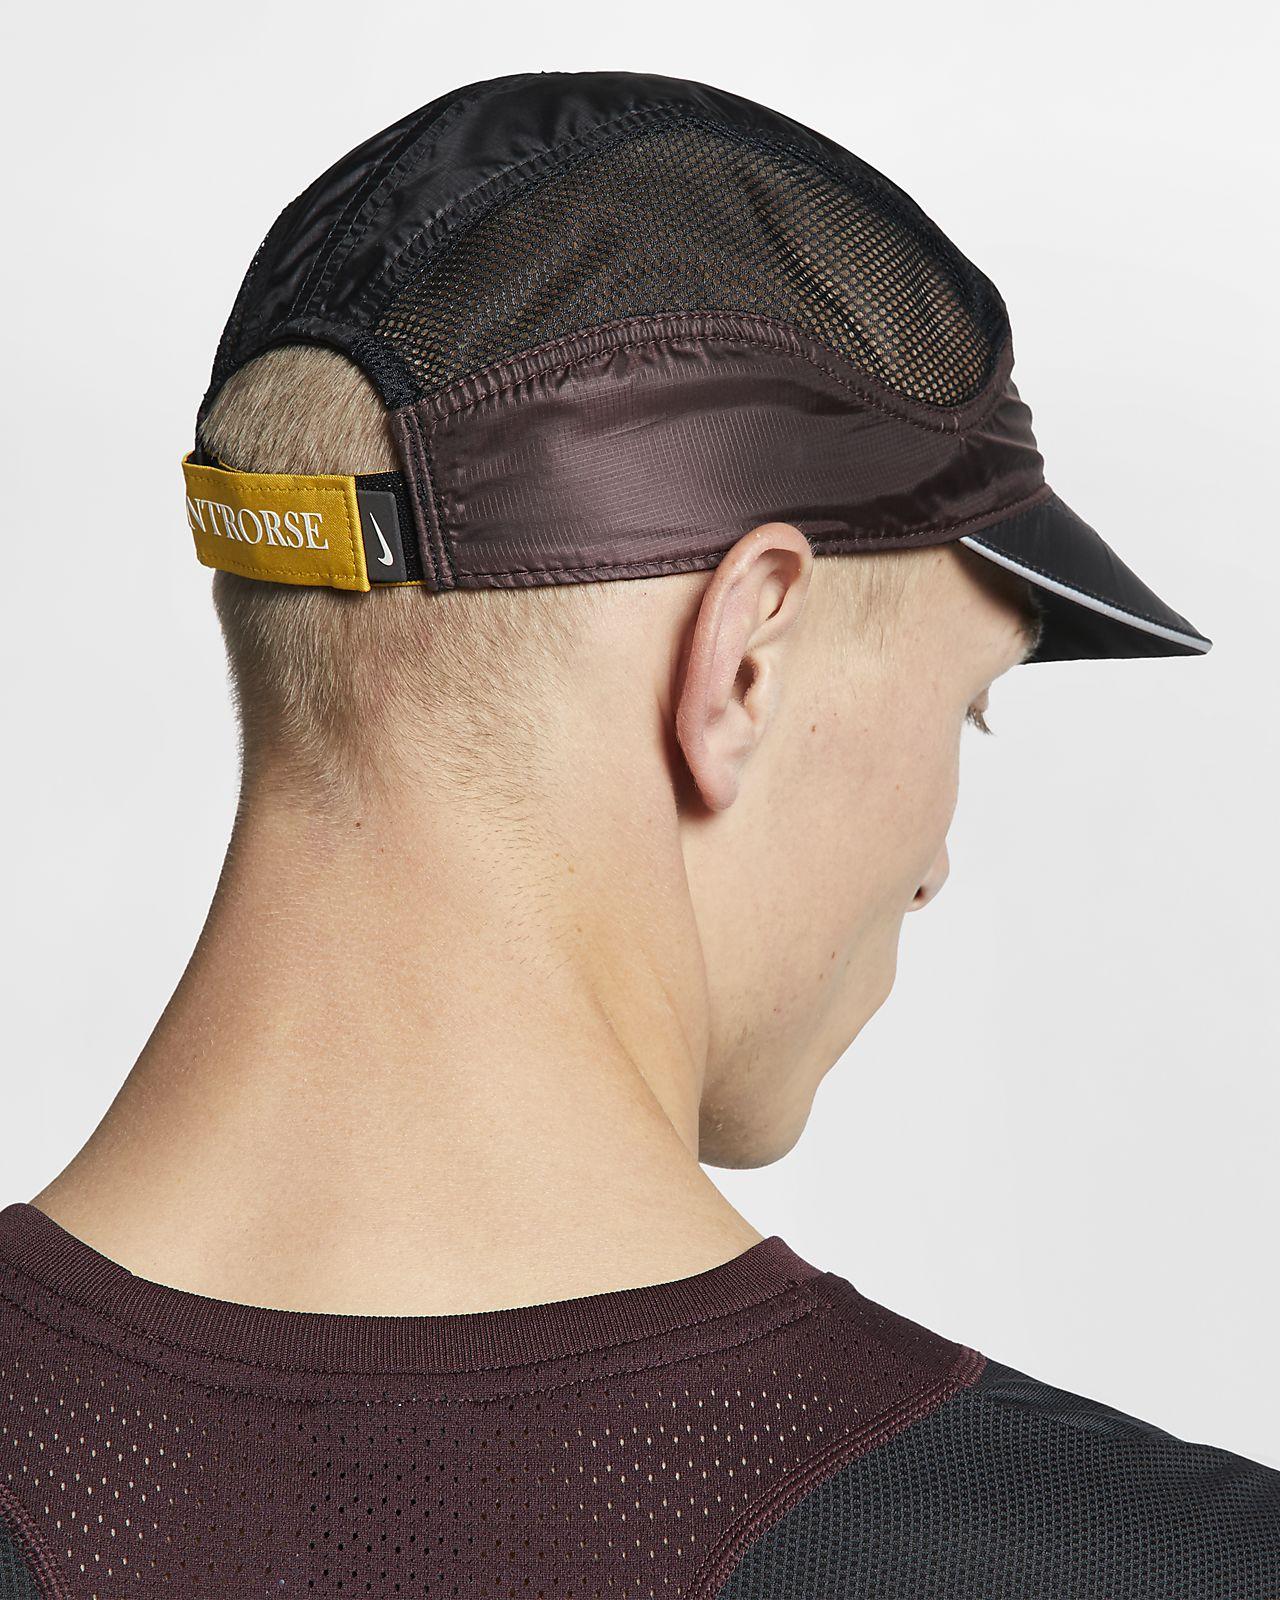 e802d519b9f Low Resolution Nike Gyakusou Tailwind Cap Nike Gyakusou Tailwind Cap